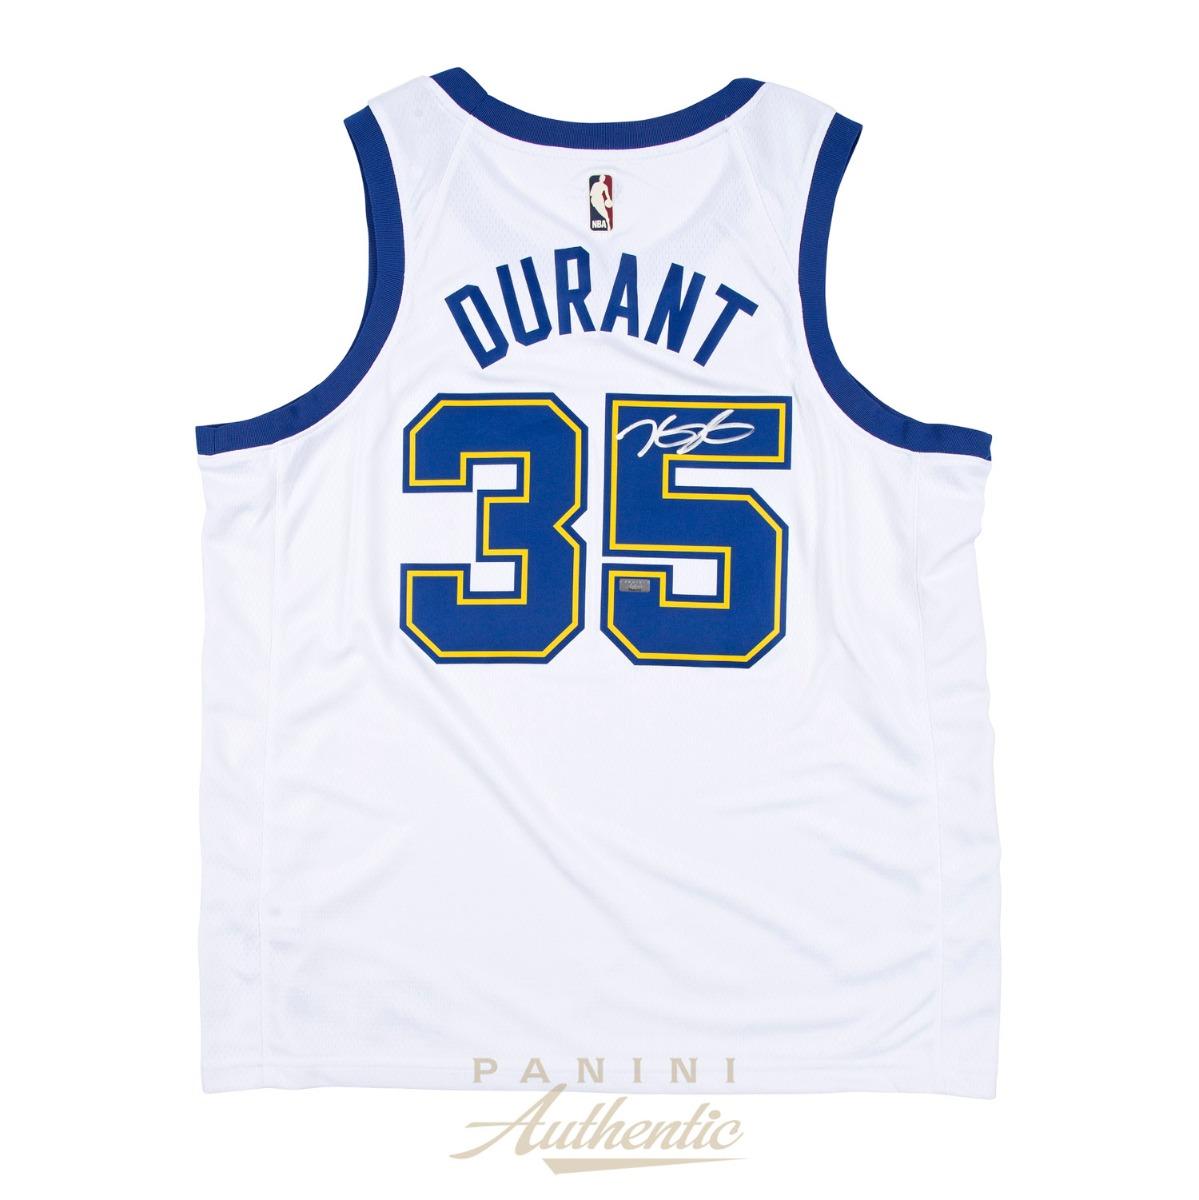 timeless design 6ef2c e6482 Kevin Durant Autographed Nike Golden State Warriors Hardwood ...